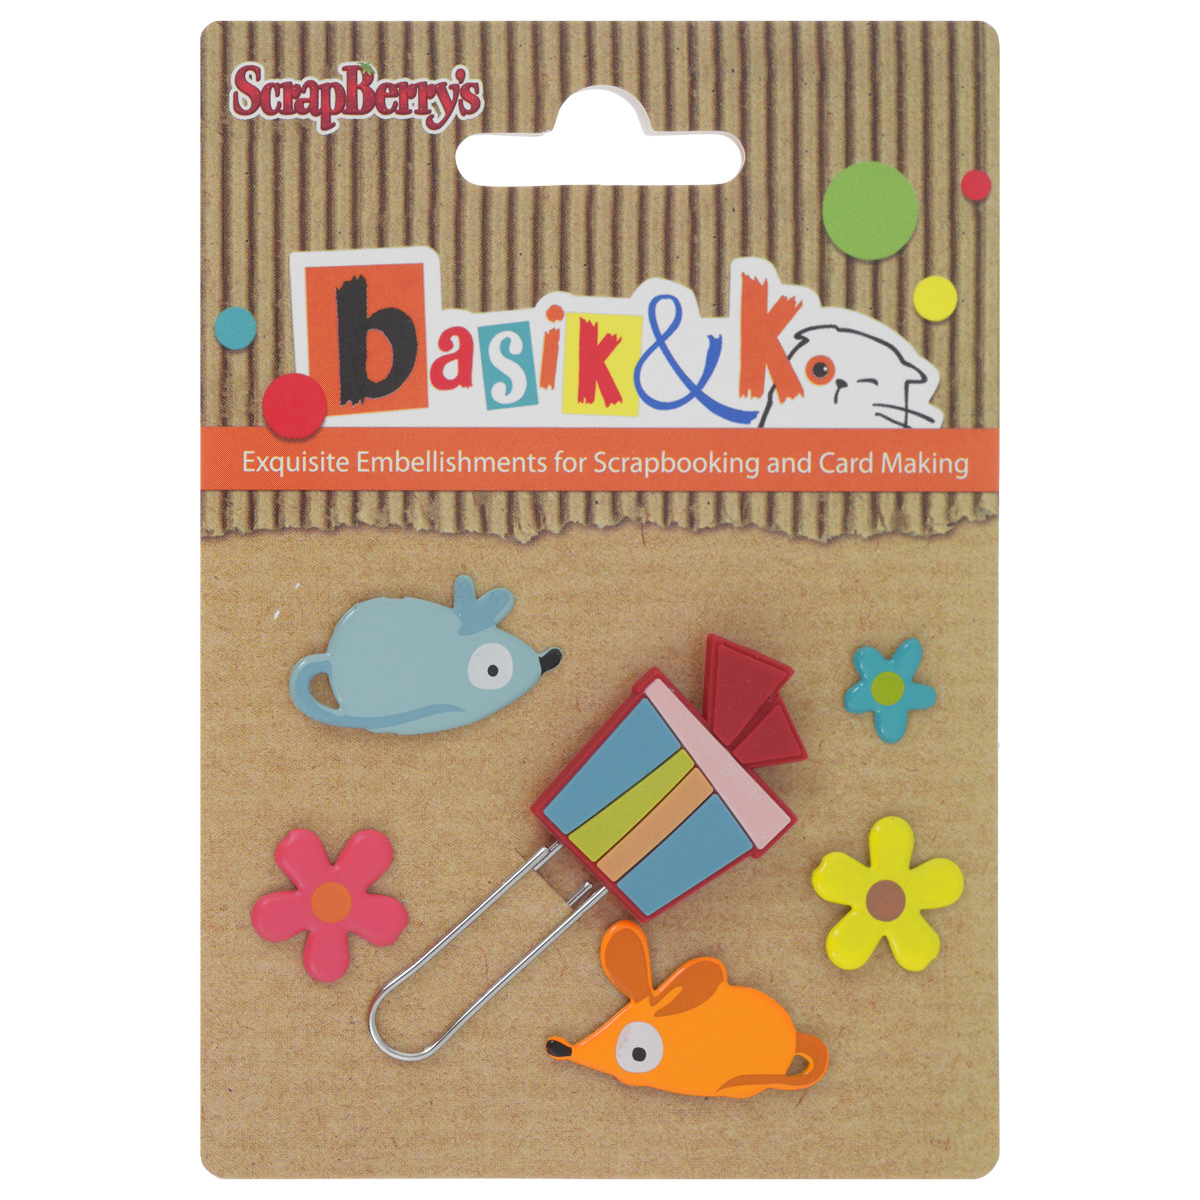 Набор брадсов Basik & K Кошки-мышки, 6 штCP00676Брадсы Basik & K Кошки-мышки изготовлены из металла и резины. В наборе представлены брадсы различных размеров, форм и цветов. Такой набор прекрасно подойдет для декора и оформления творческих работ в различных техниках, таких как скрапбукинг, шитье, декор, изготовление бижутерии и многого другого. Брадсы разнообразят вашу работу и добавят вдохновения для новых идей.Размер самого большого брадса: 2,5 см х 2 см.Диаметр самого маленького брадса: 0,9 см.